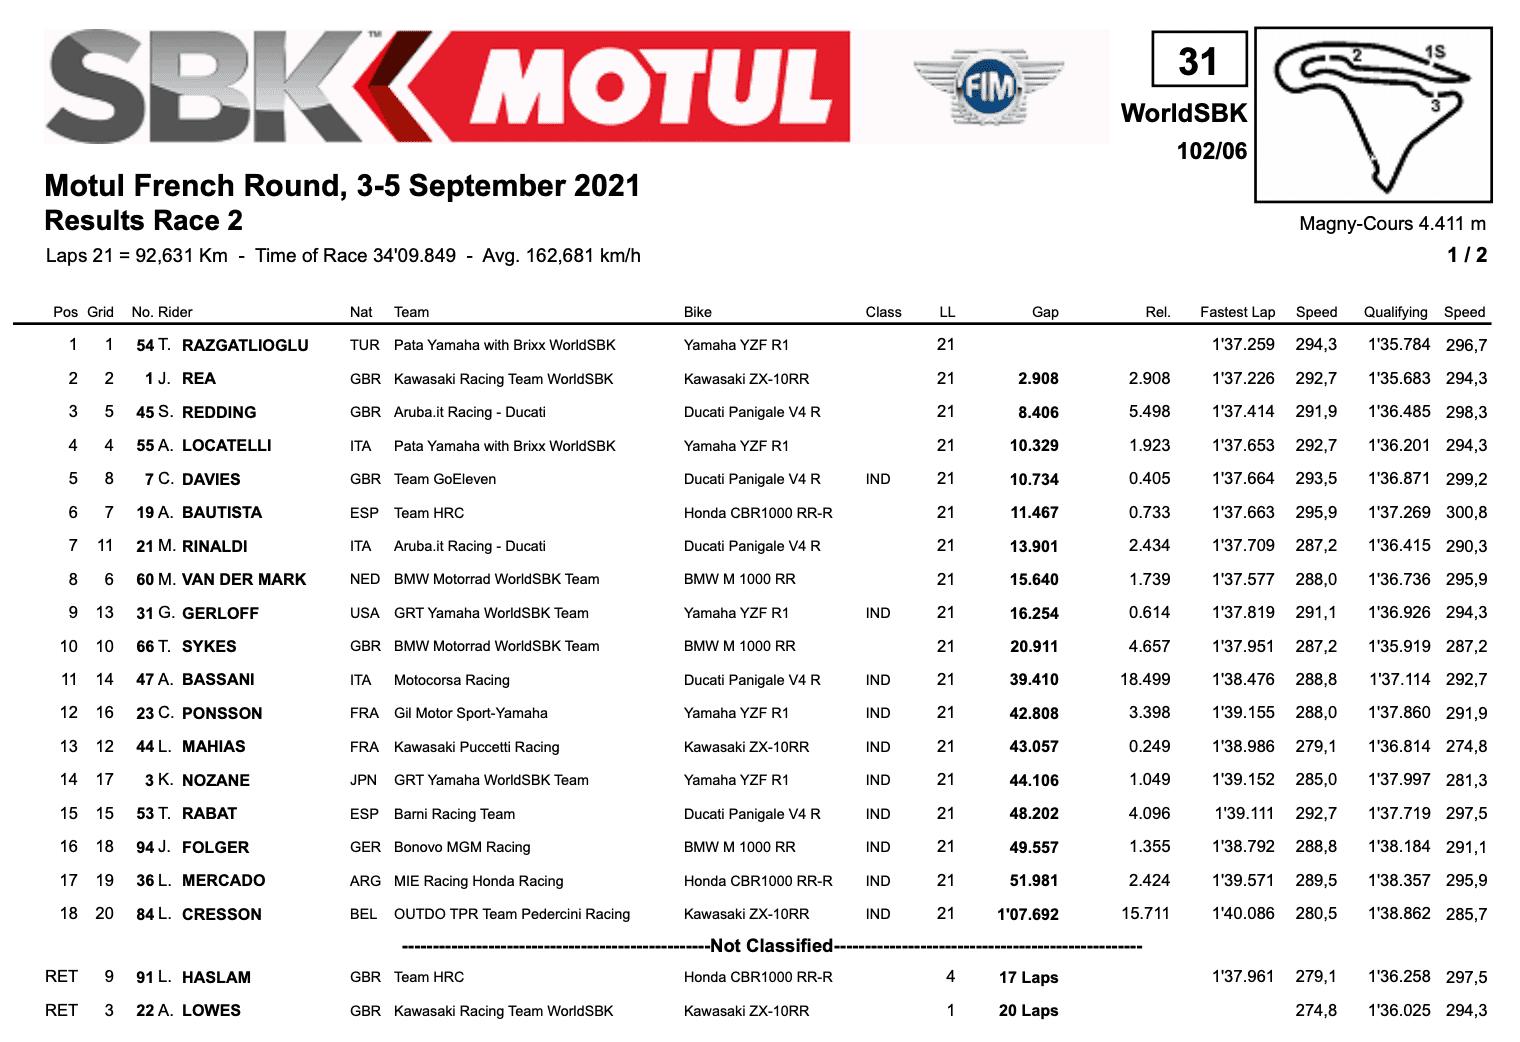 FIM スーパーバイク世界選手権(SBK)マニクール戦 レース2優勝はトプラック・ラズガトリオグル